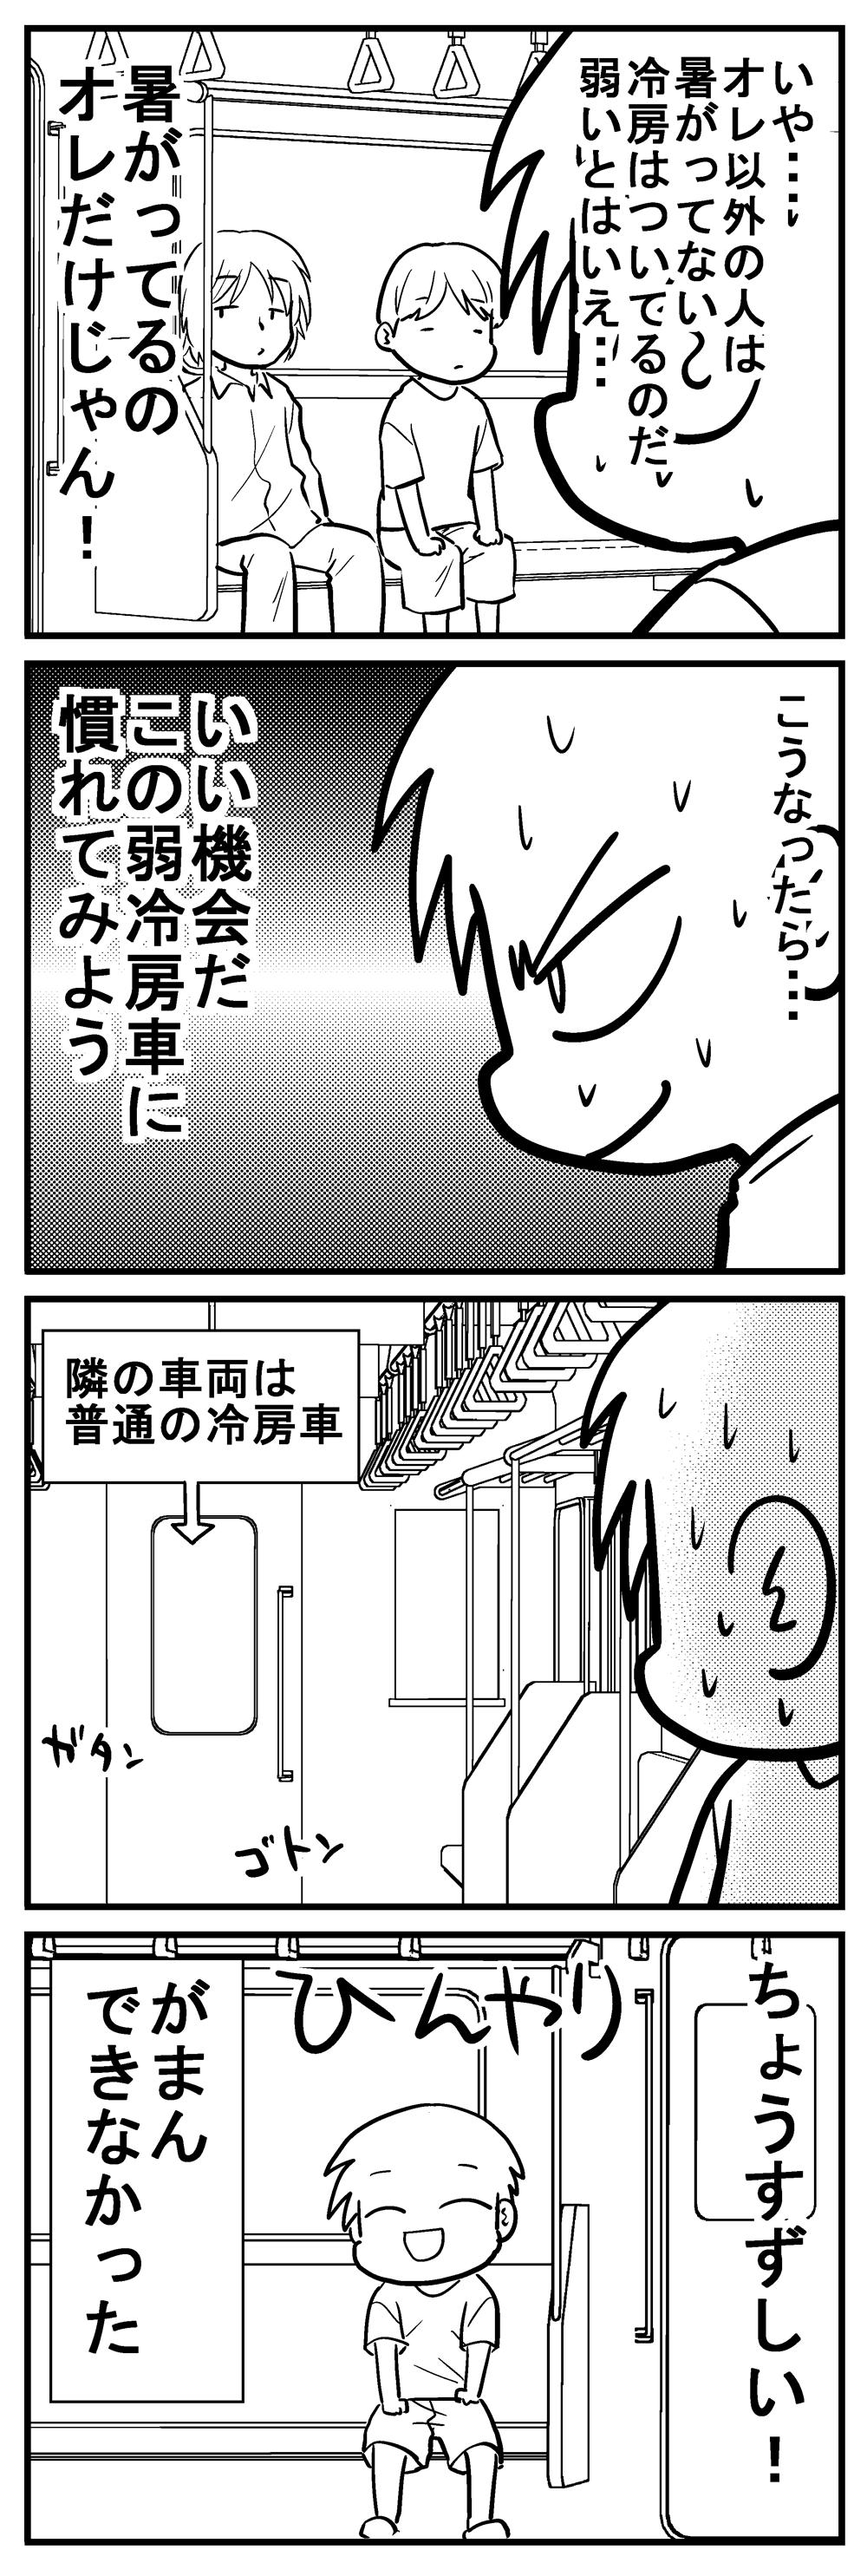 深読みくん68-4